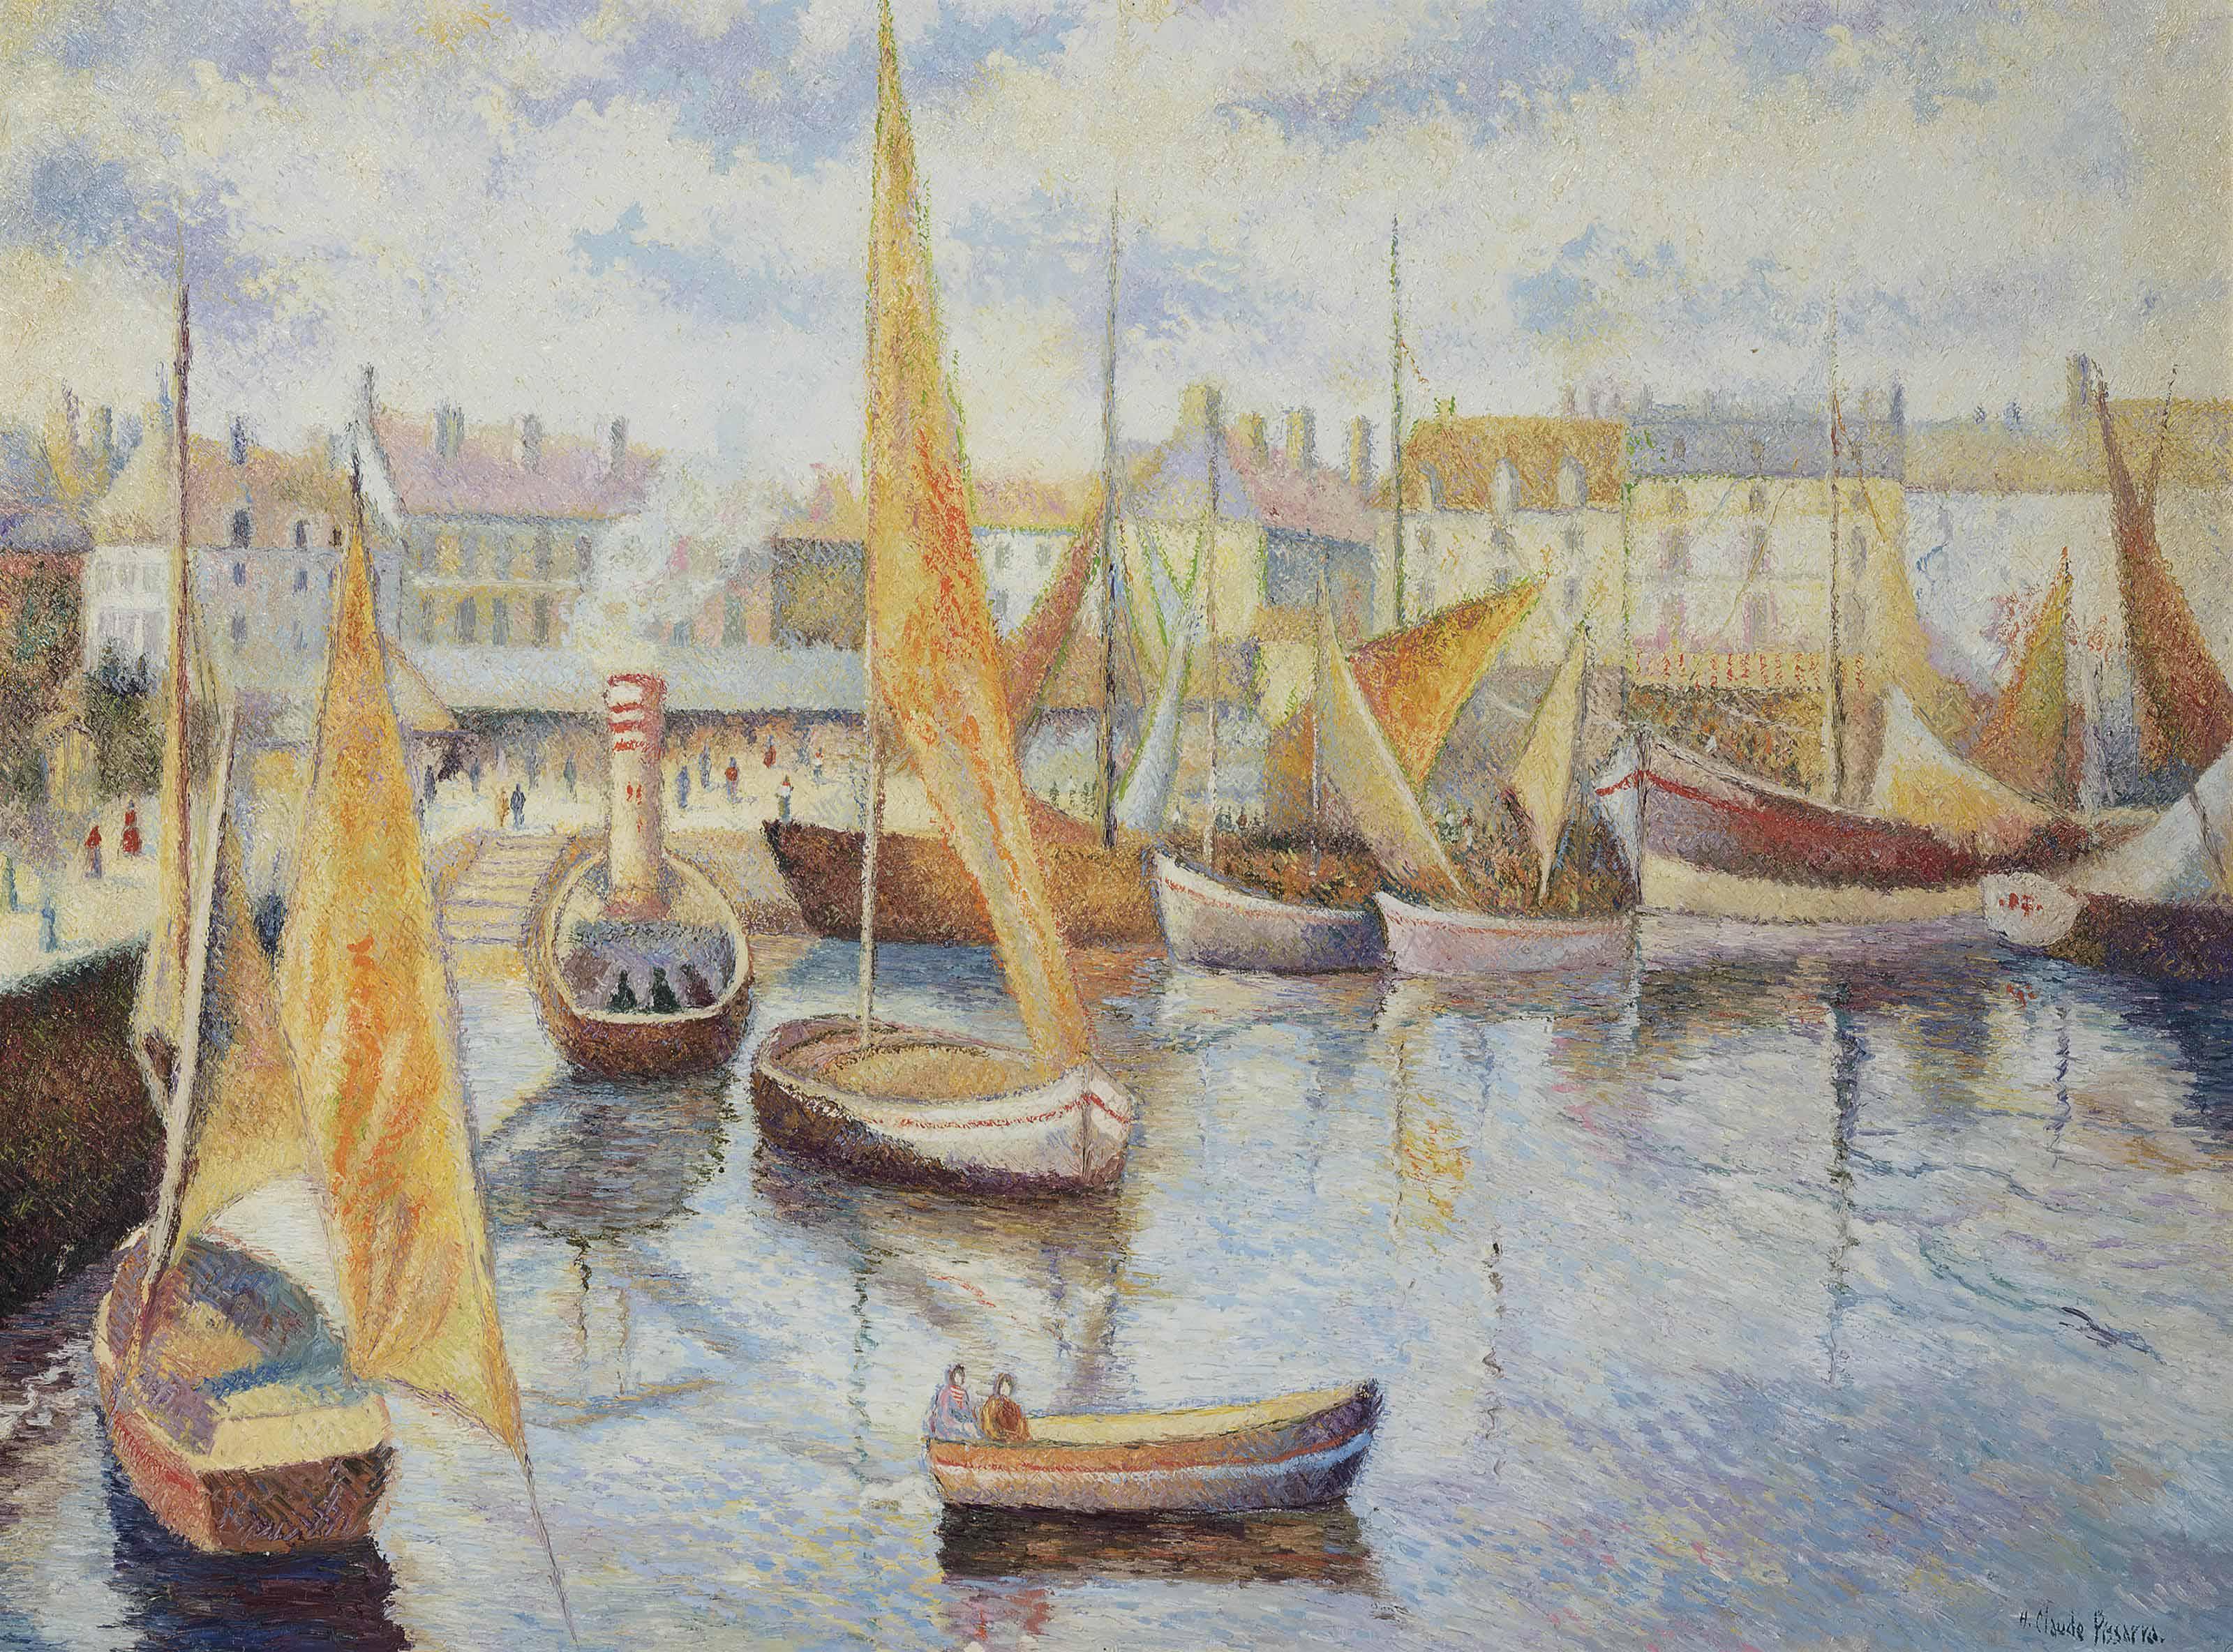 Le port de Saint-Martin